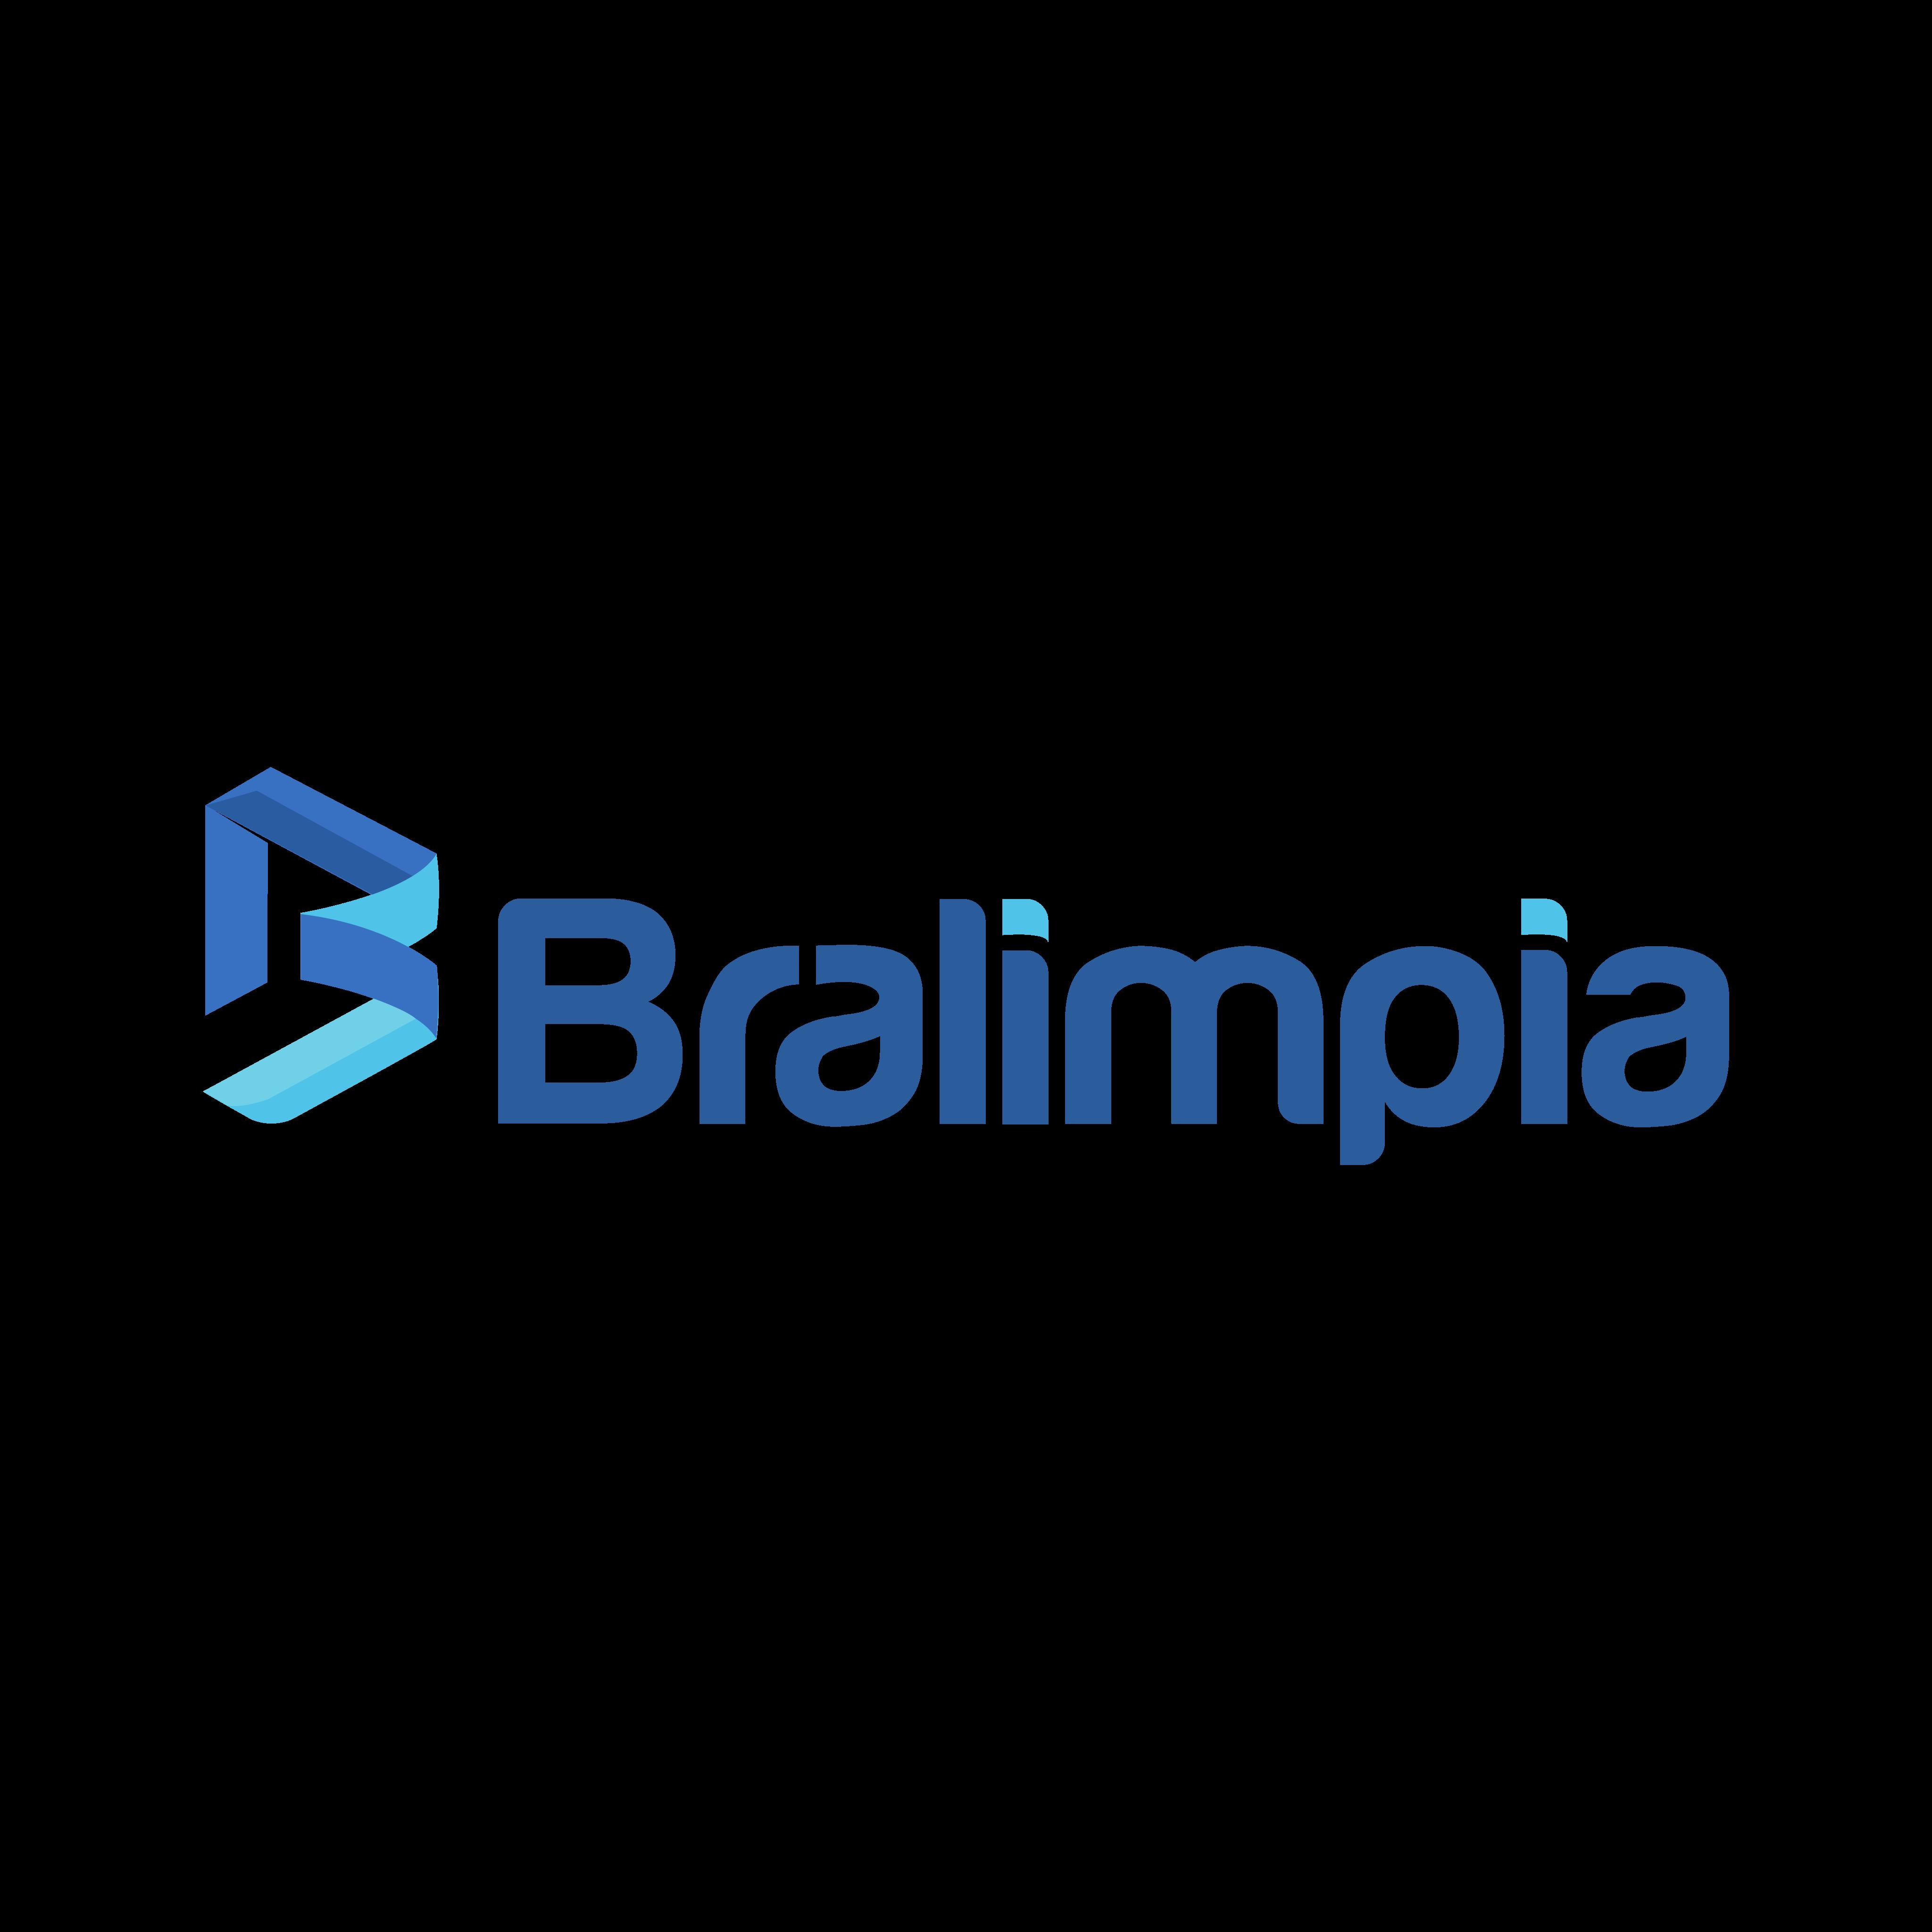 bralimpia logo 0 - Bralimpia Logo